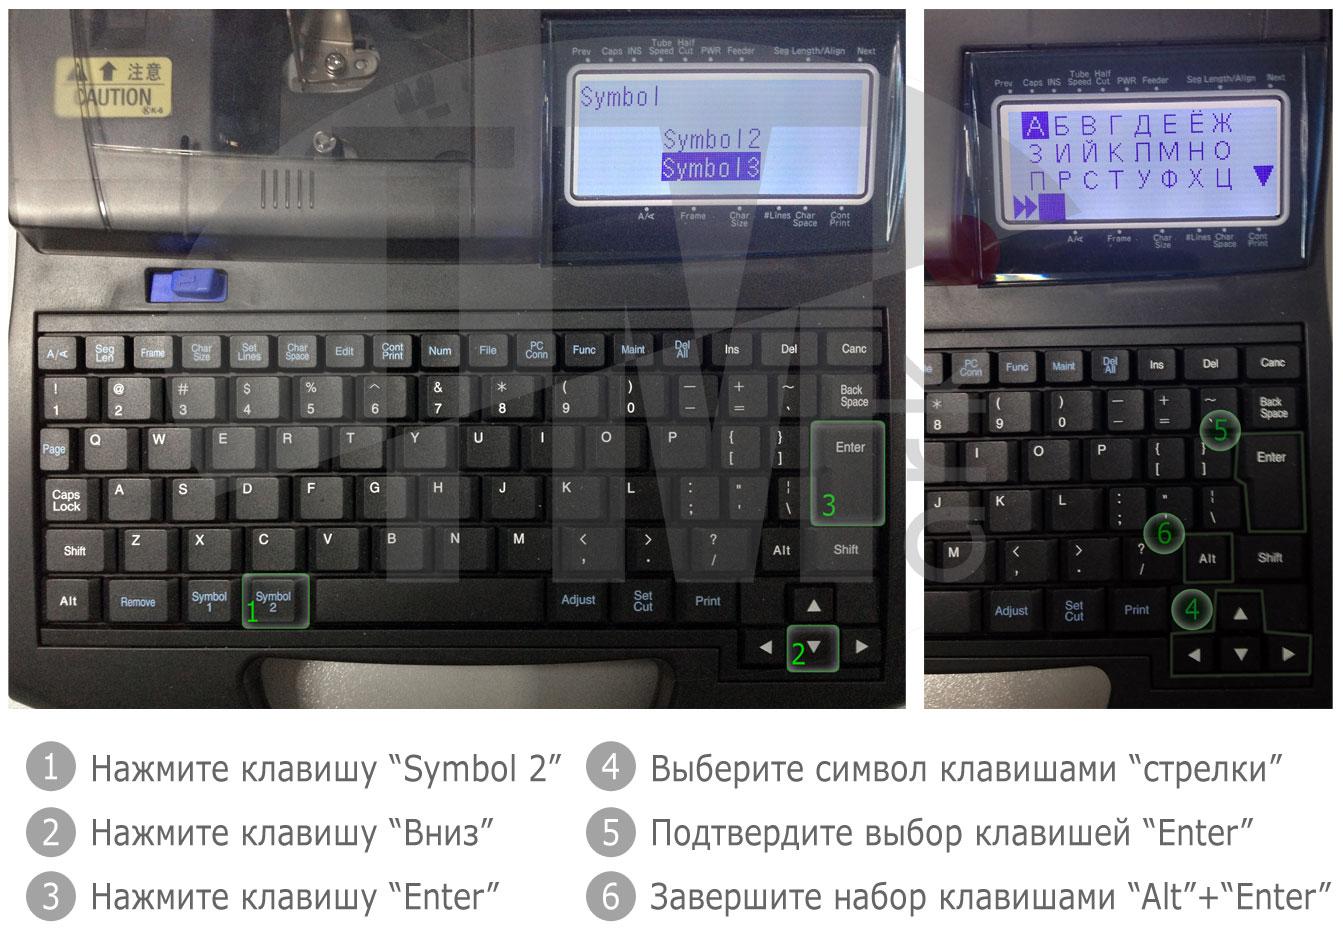 Набор русских символов на кабельном принтере Partex Promark T800